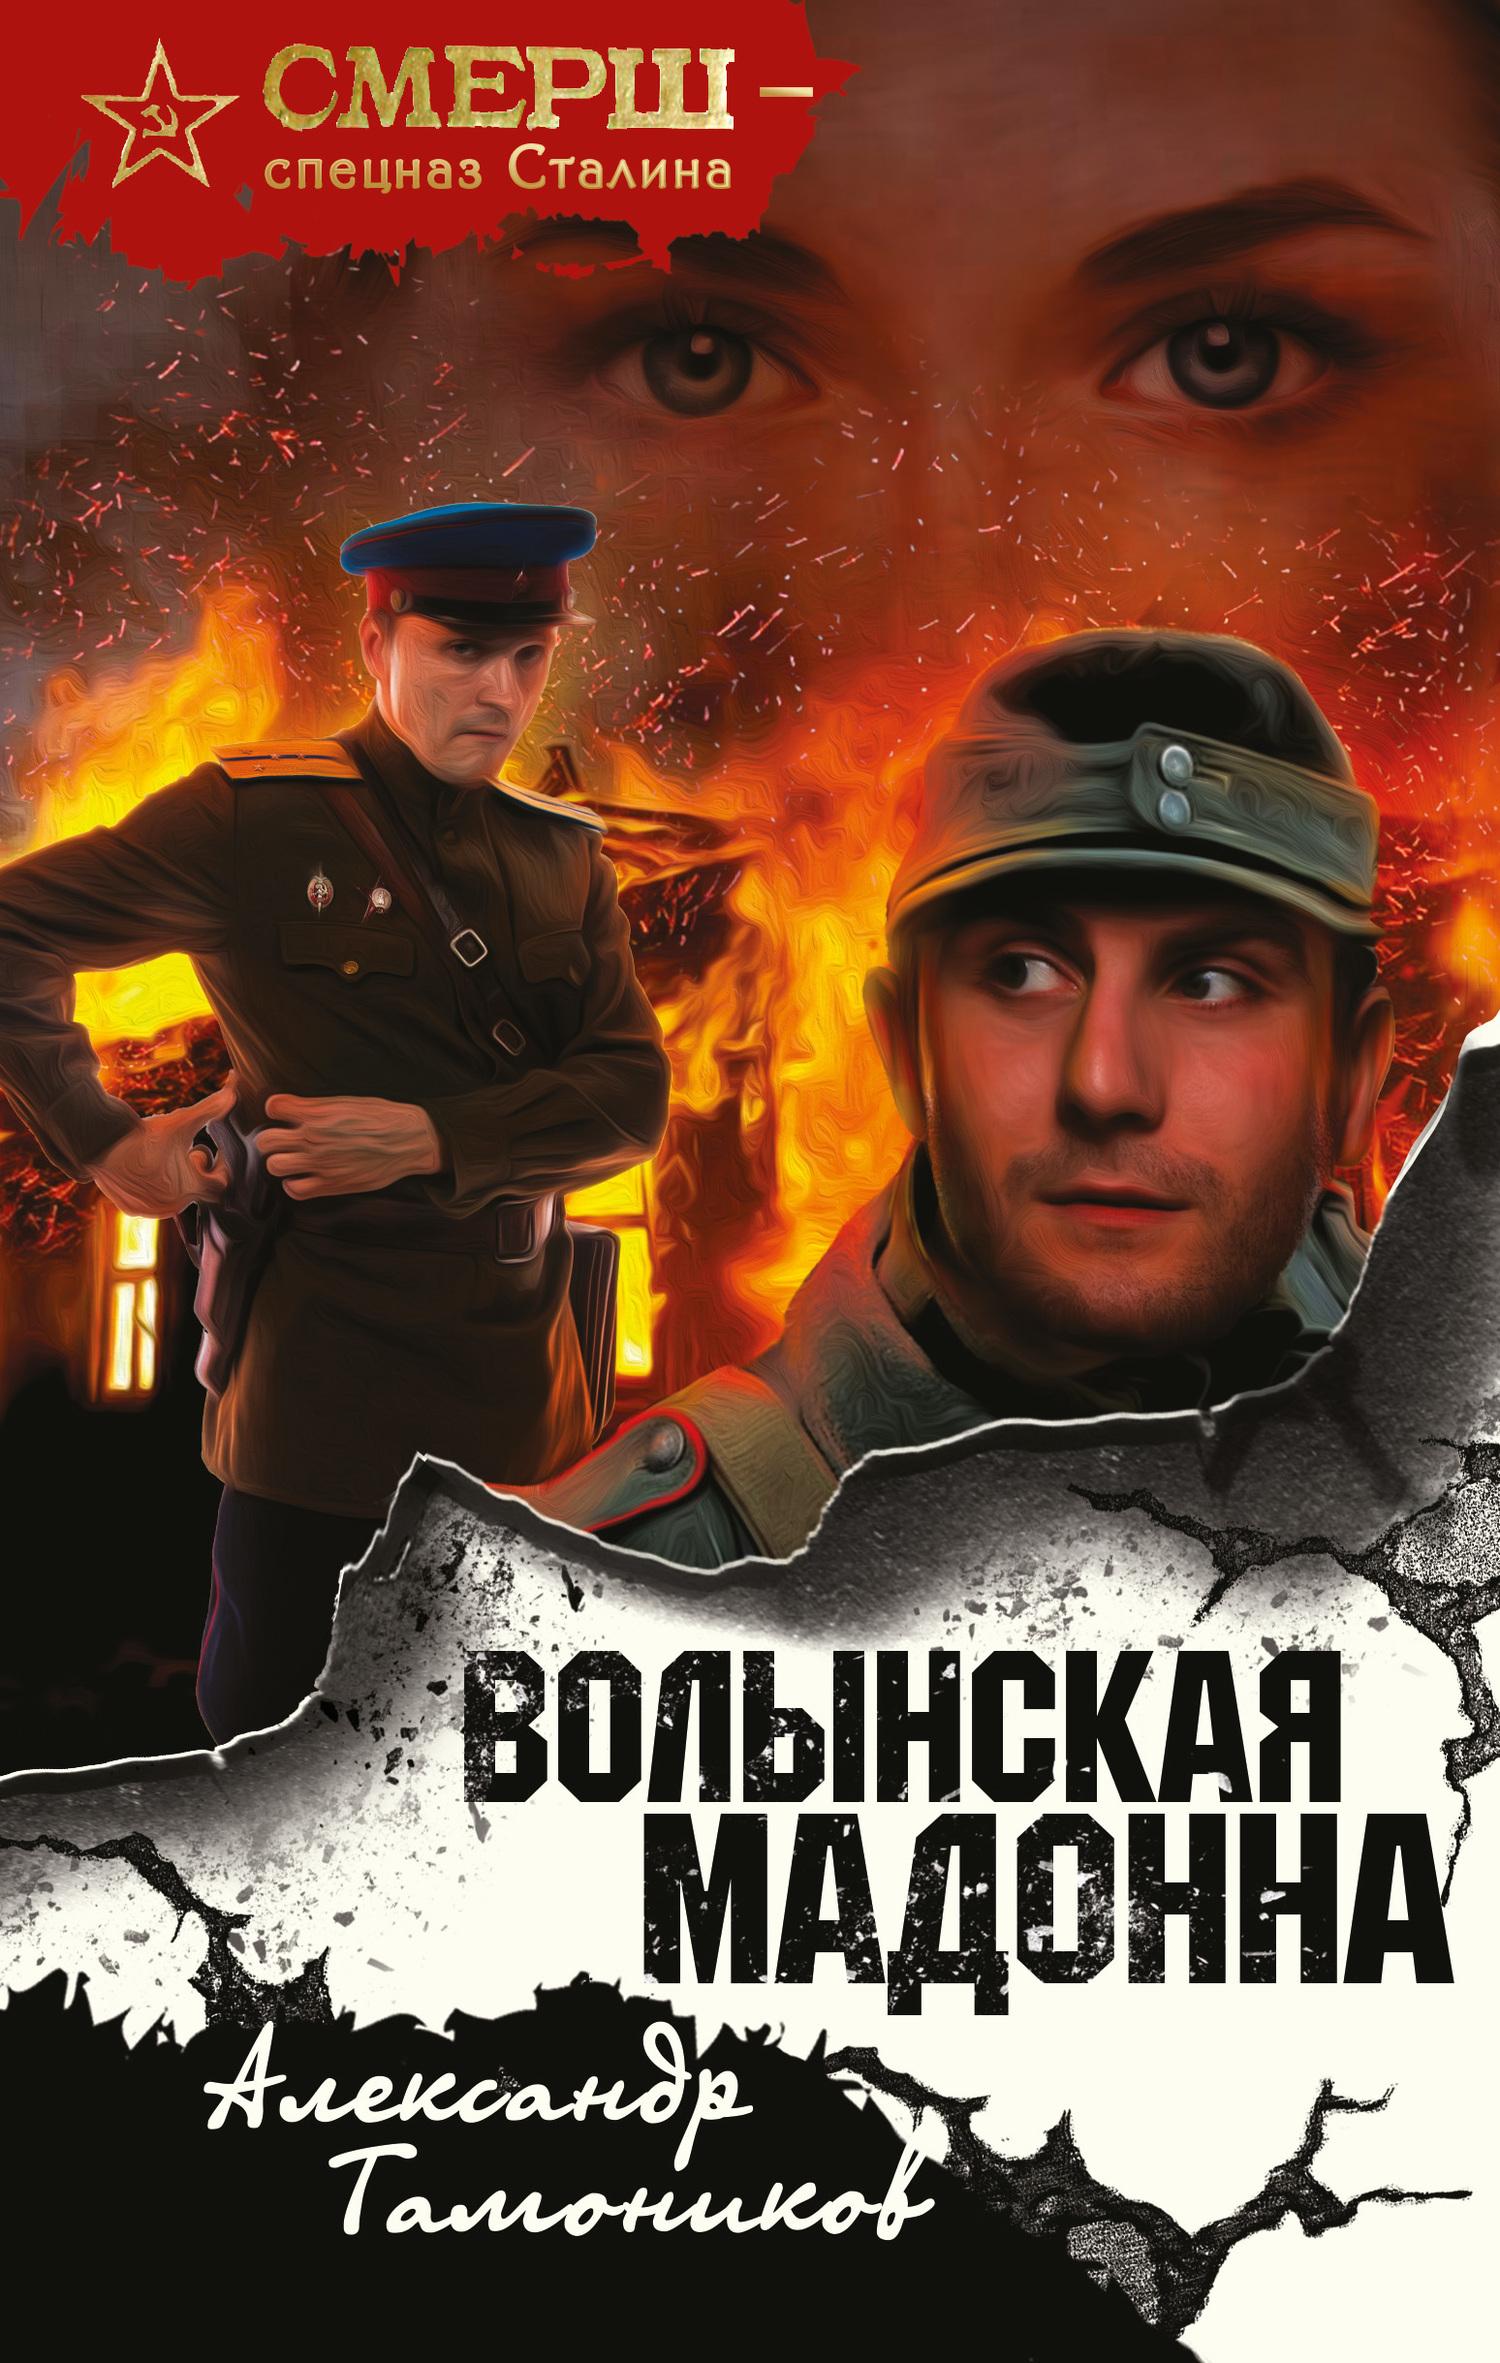 СМЕРШ - спецназ Сталина в 25 книгах Книги и книжные серии